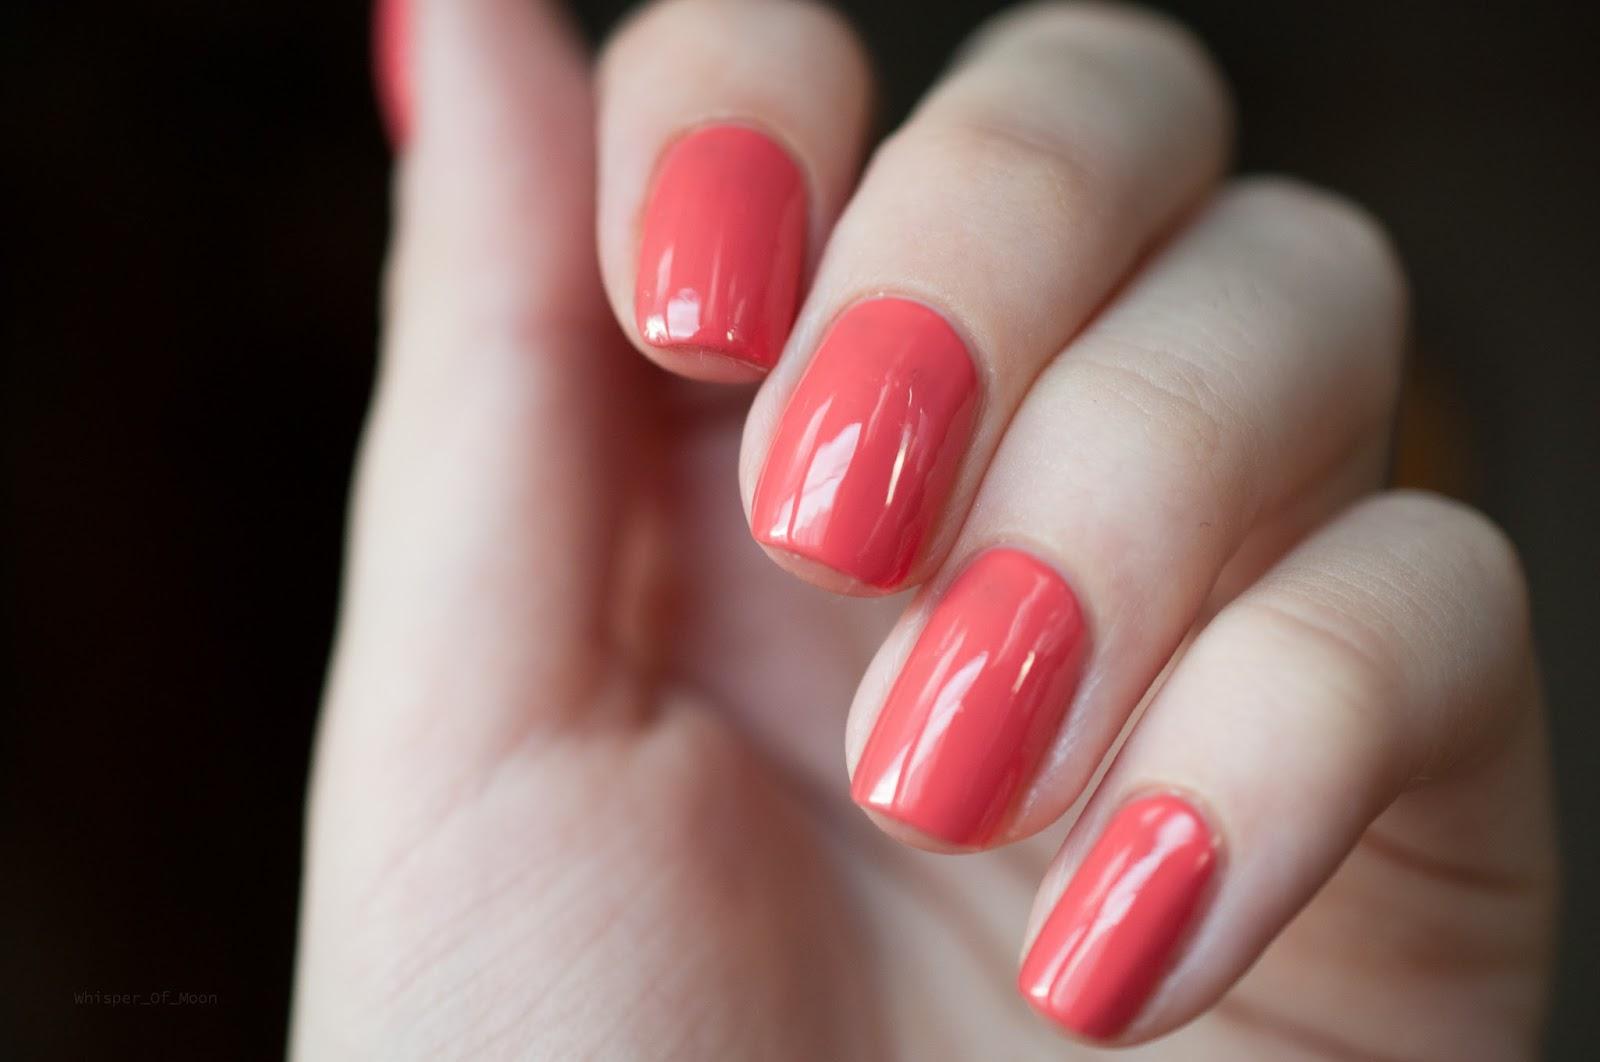 Ногти красного цвета на руках